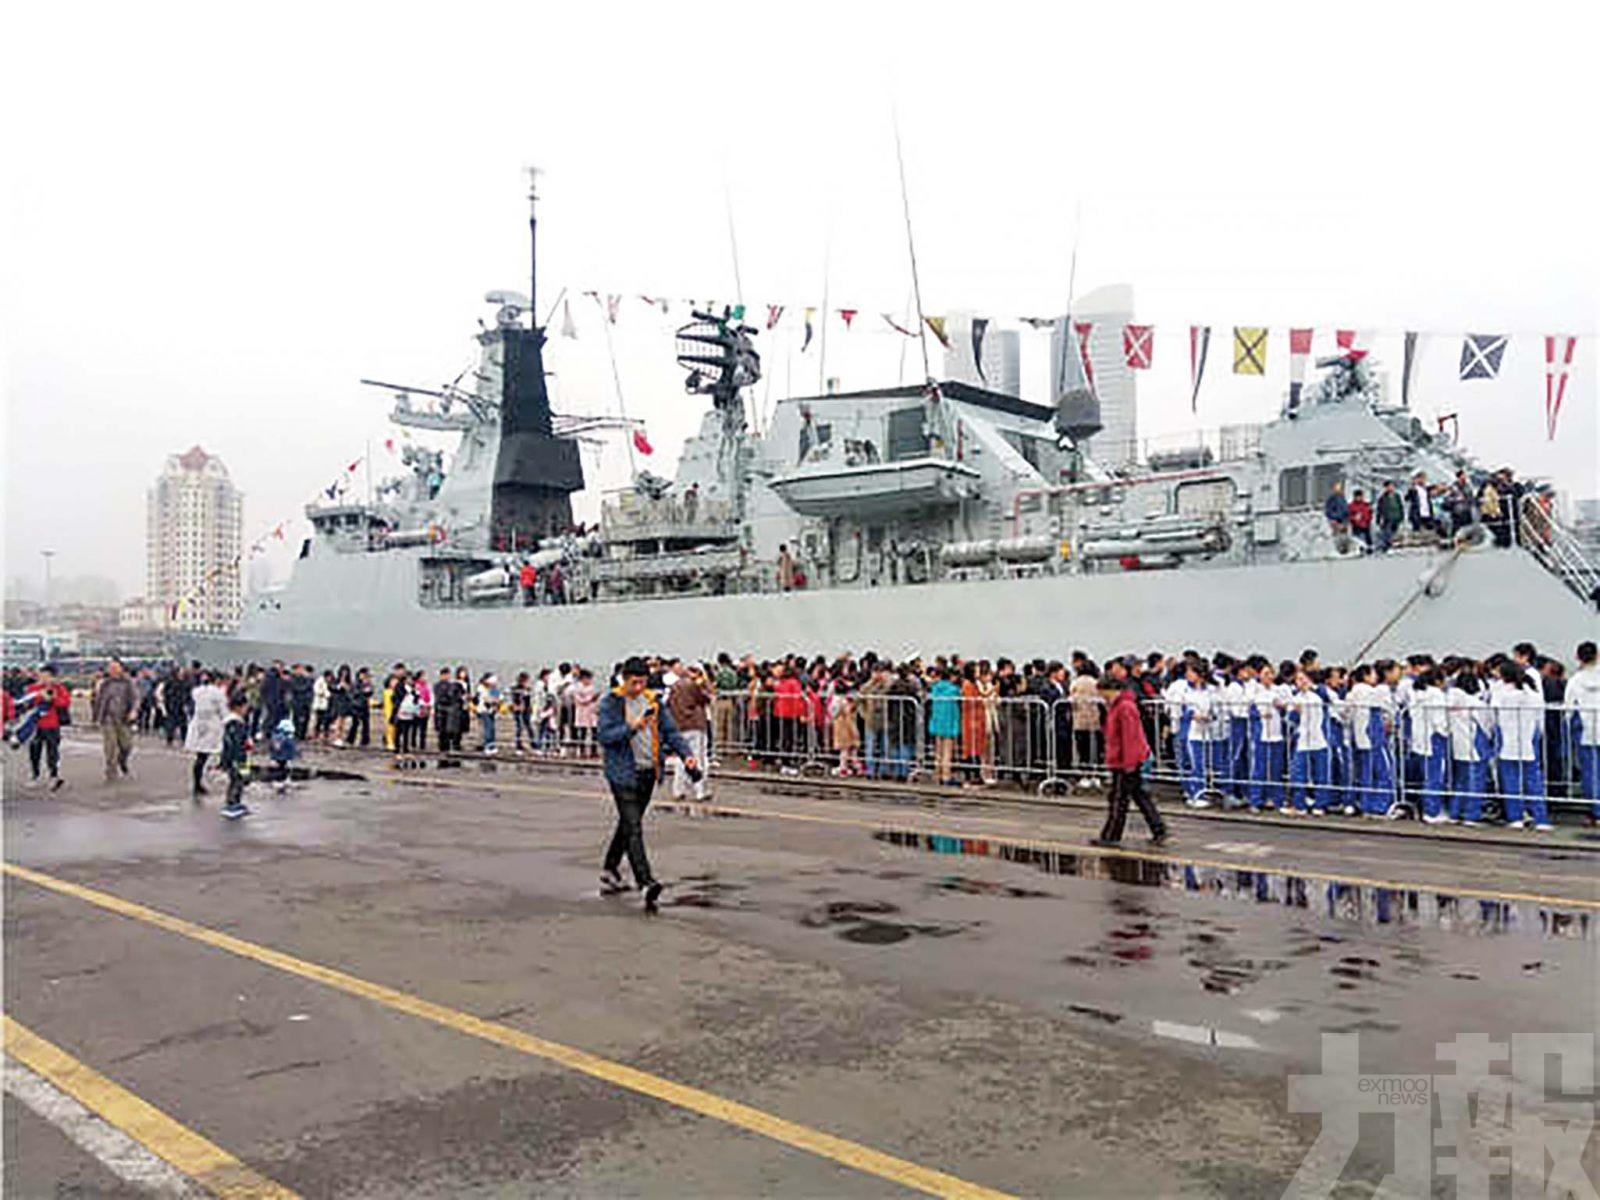 多國艦艇青島開放參觀民眾排隊登艦 澳門力報官網